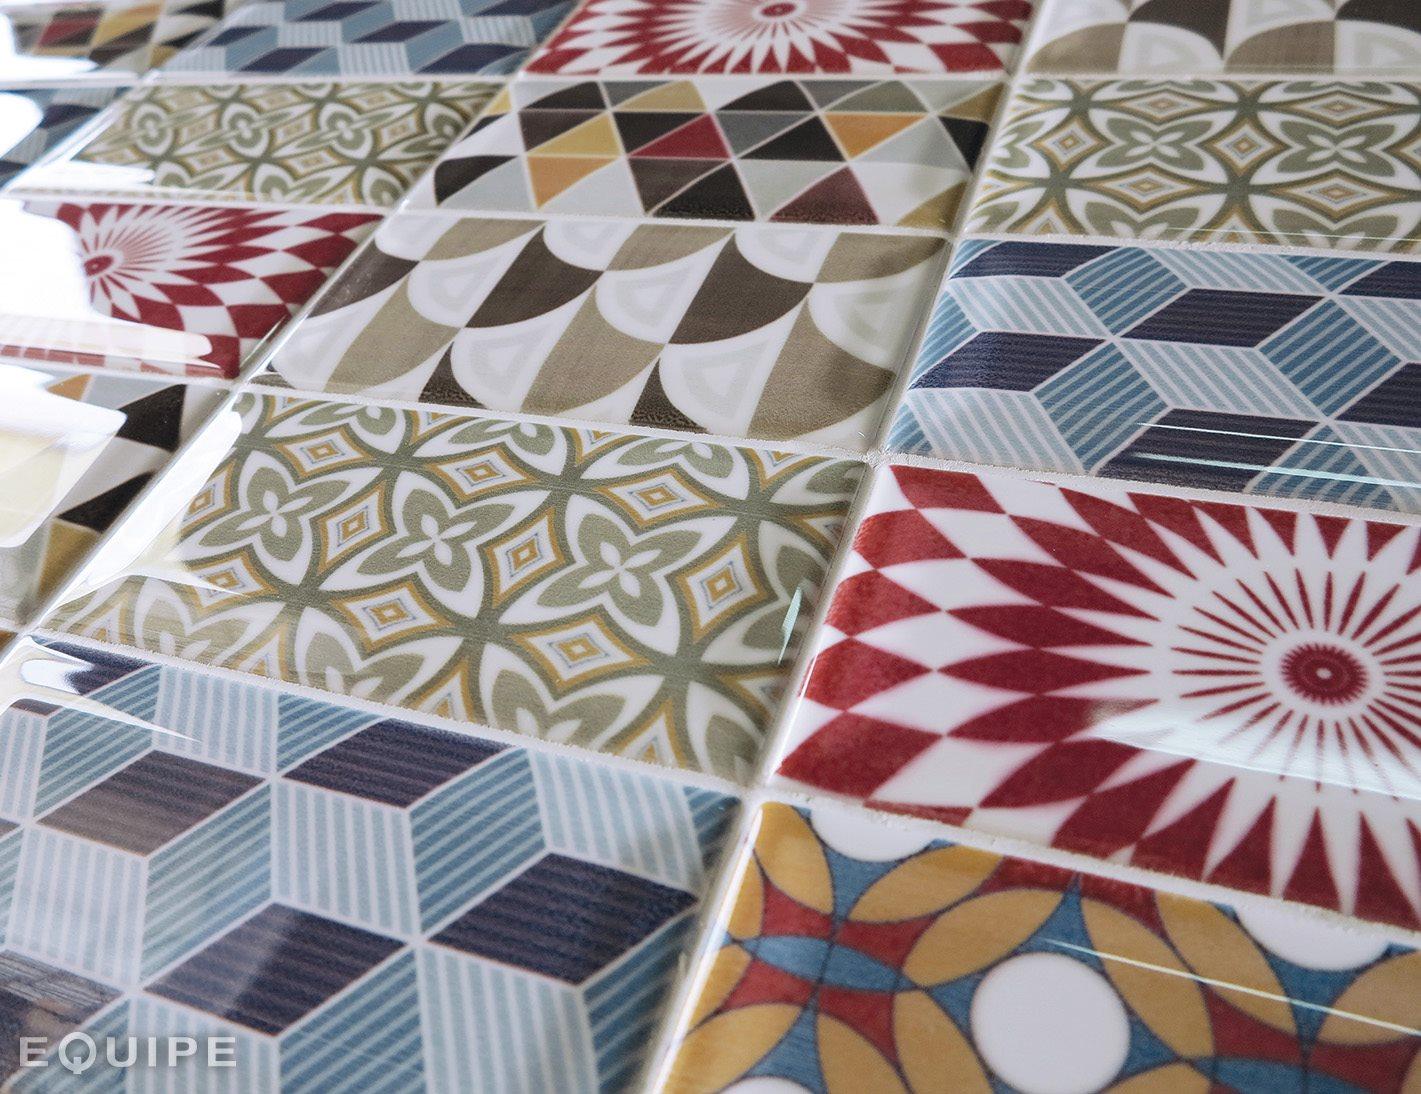 Carrelage METRO décor ciment PATCHWORK Colours 7.5x15 cm 20922 - 0.5m² - zoom